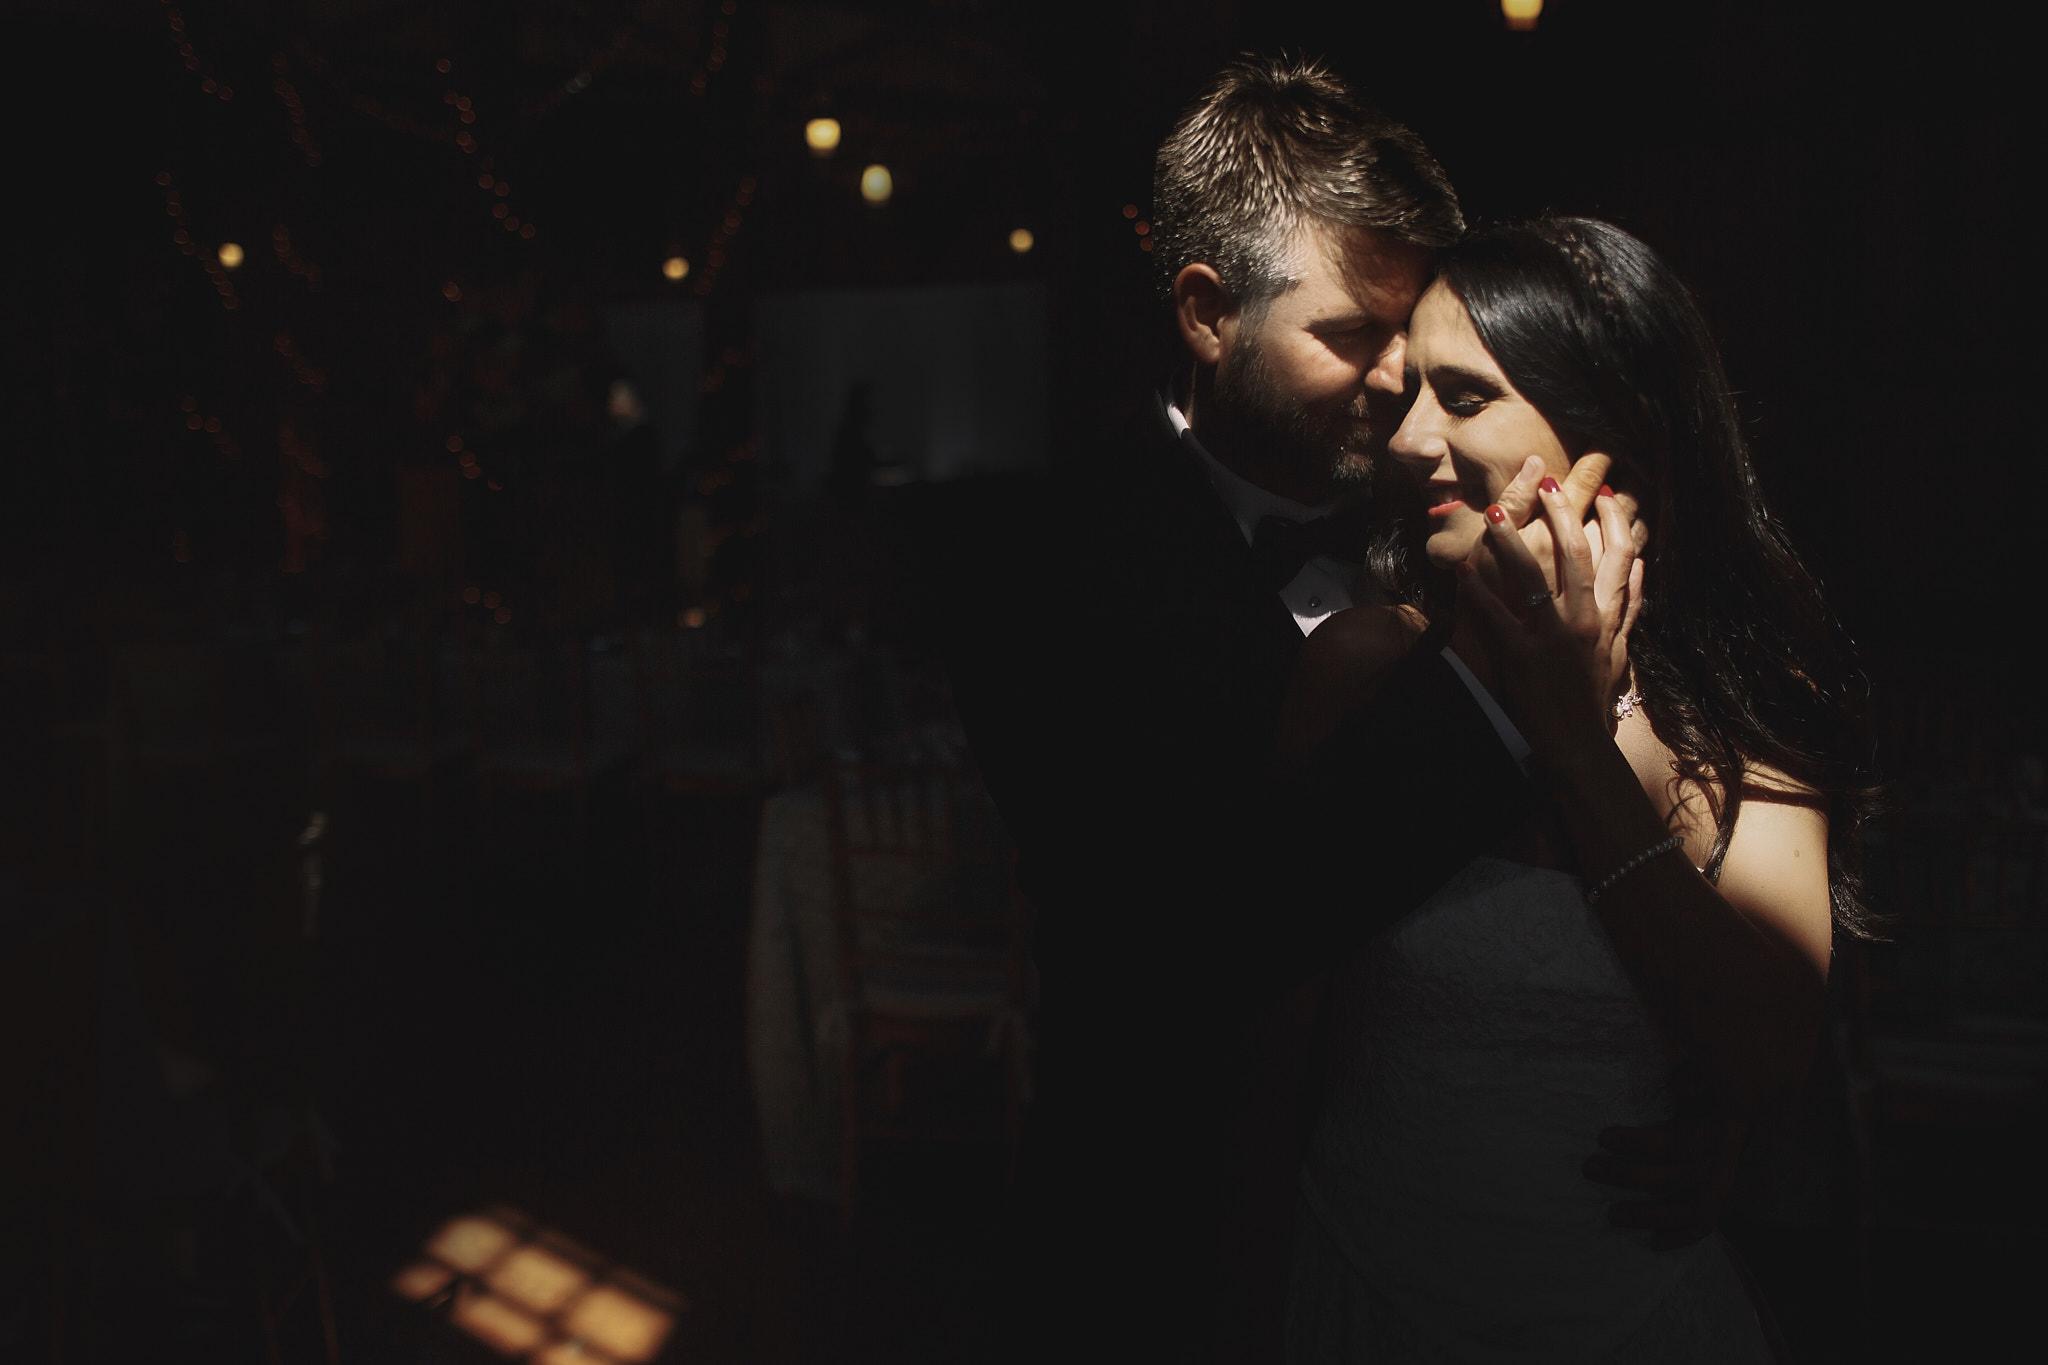 matrimonio rid 0_161